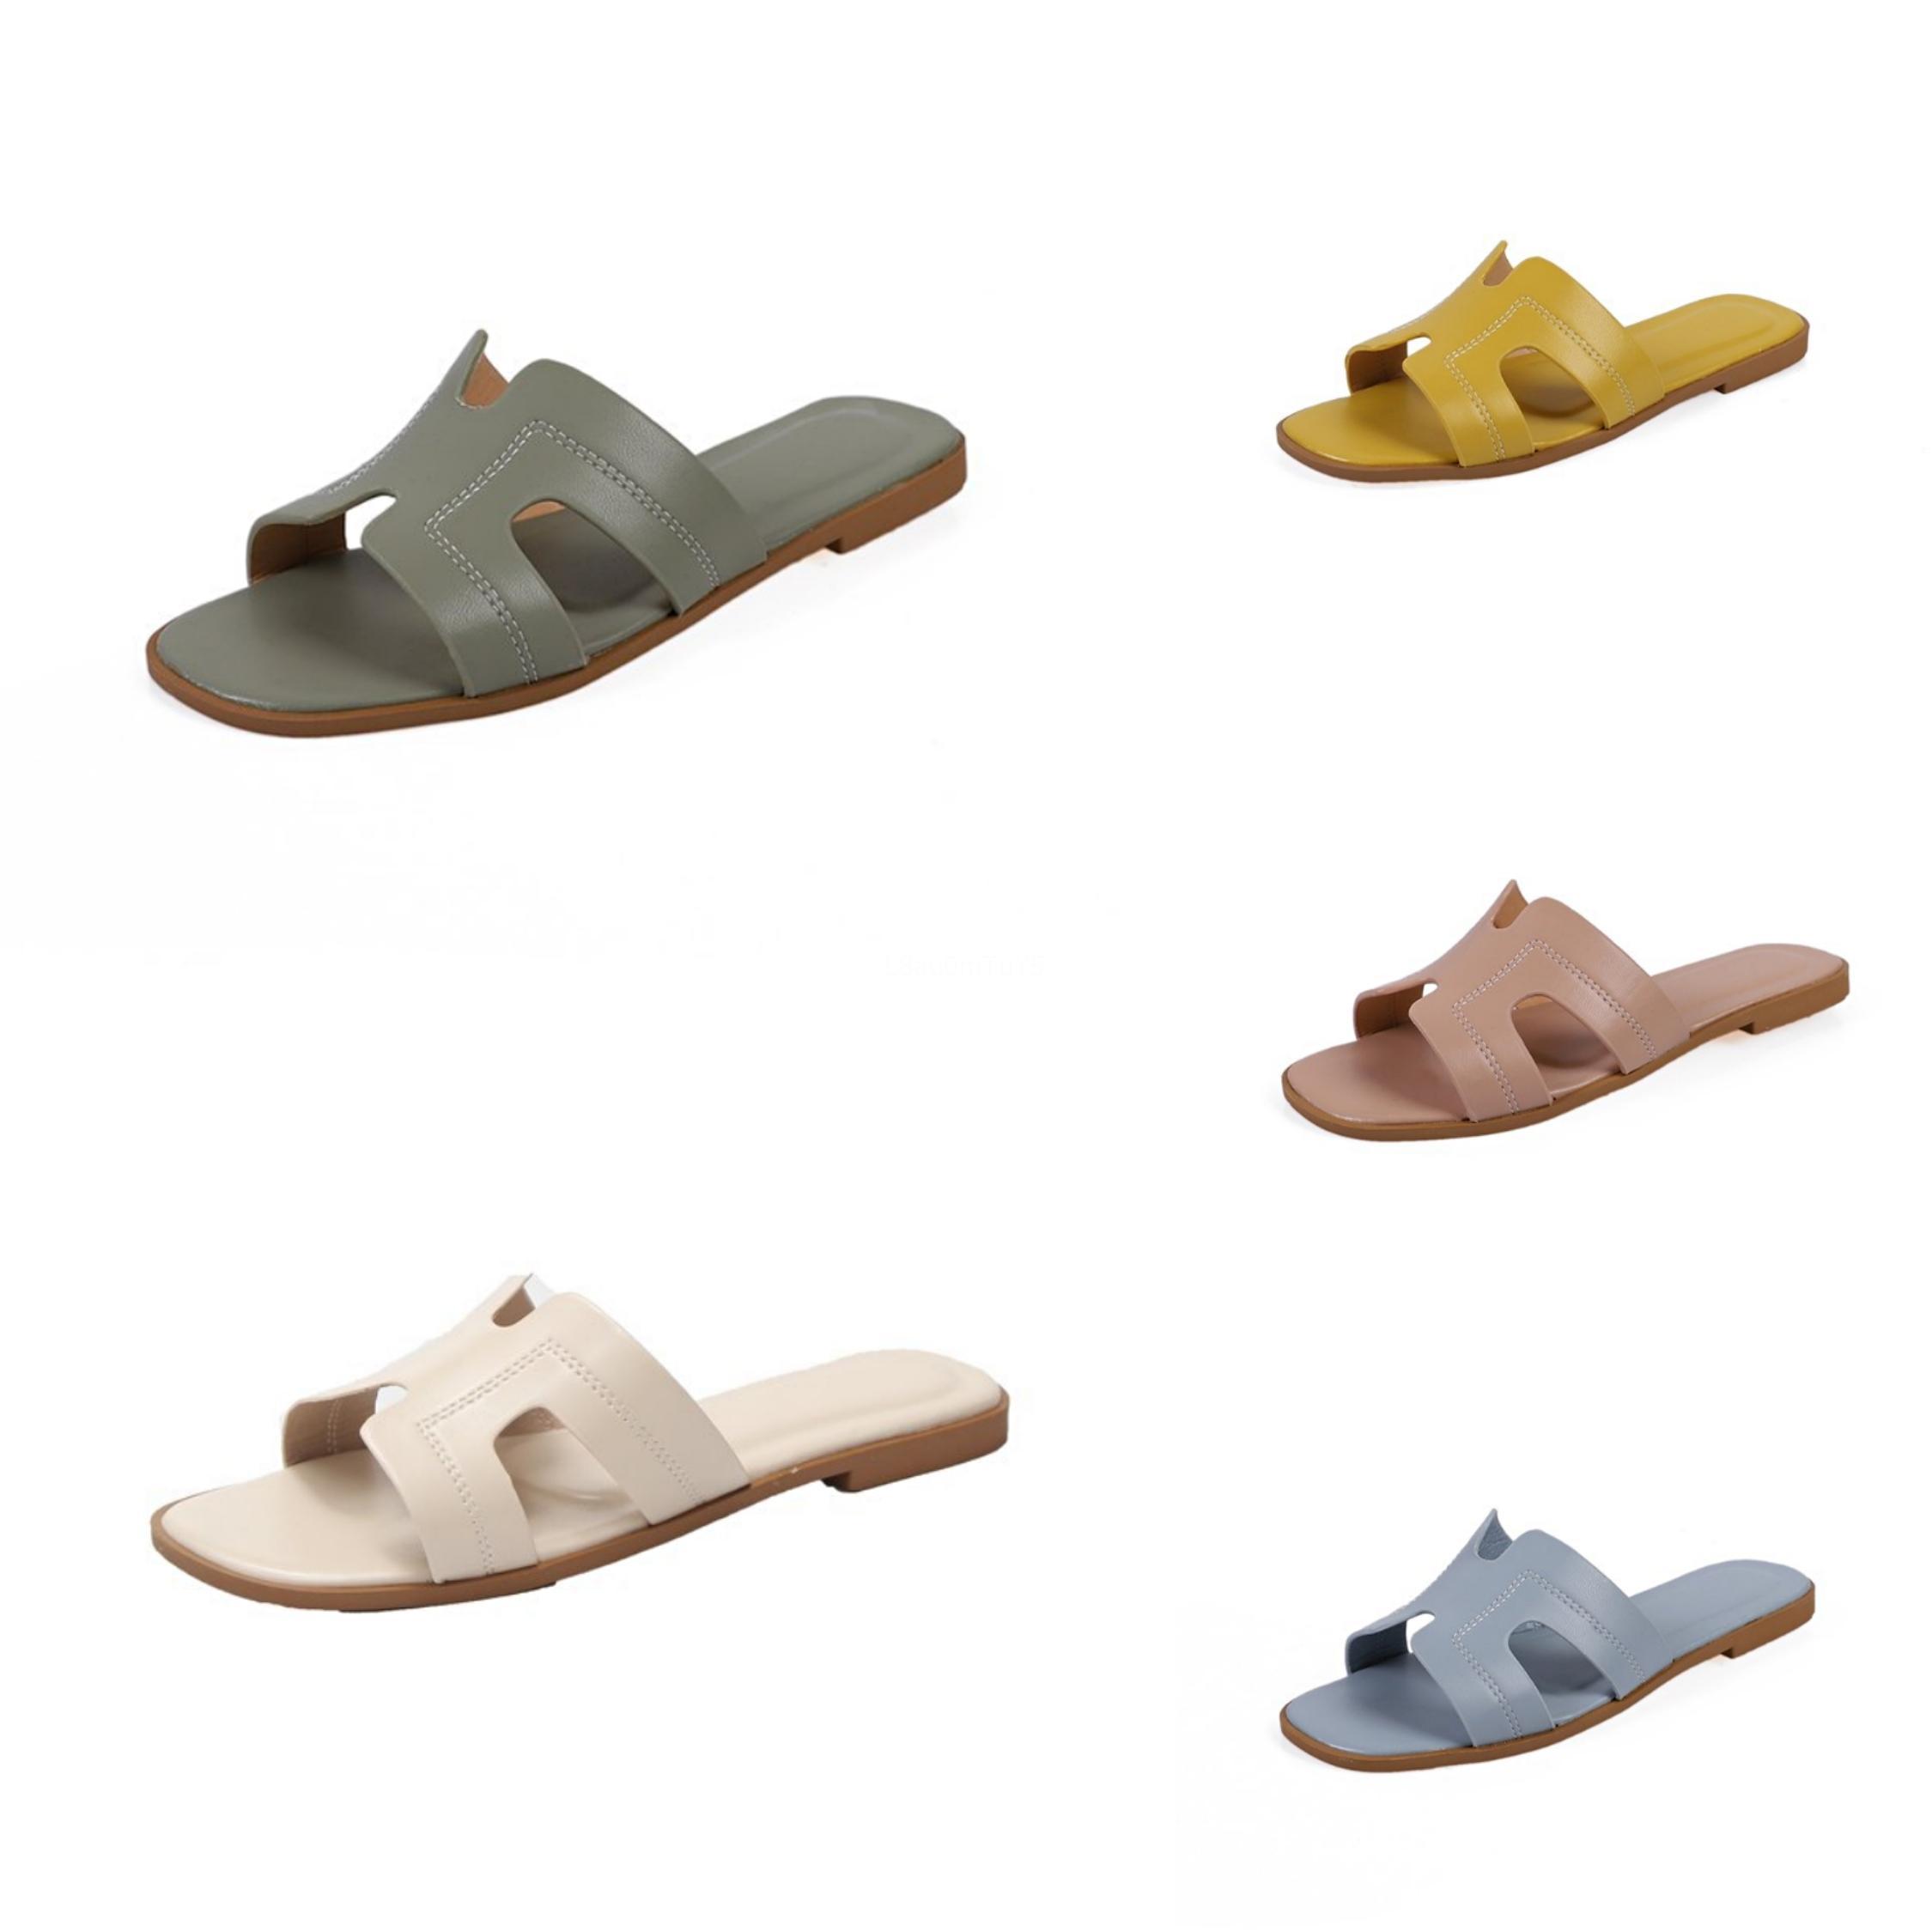 2020 New Non-Slip weichen Hausschuh Bata-Strand-Schuhe Sommer-Baby-H-Jungen-Mädchen-Breathable Slipper beiläufige Strand-Schuhe # 623